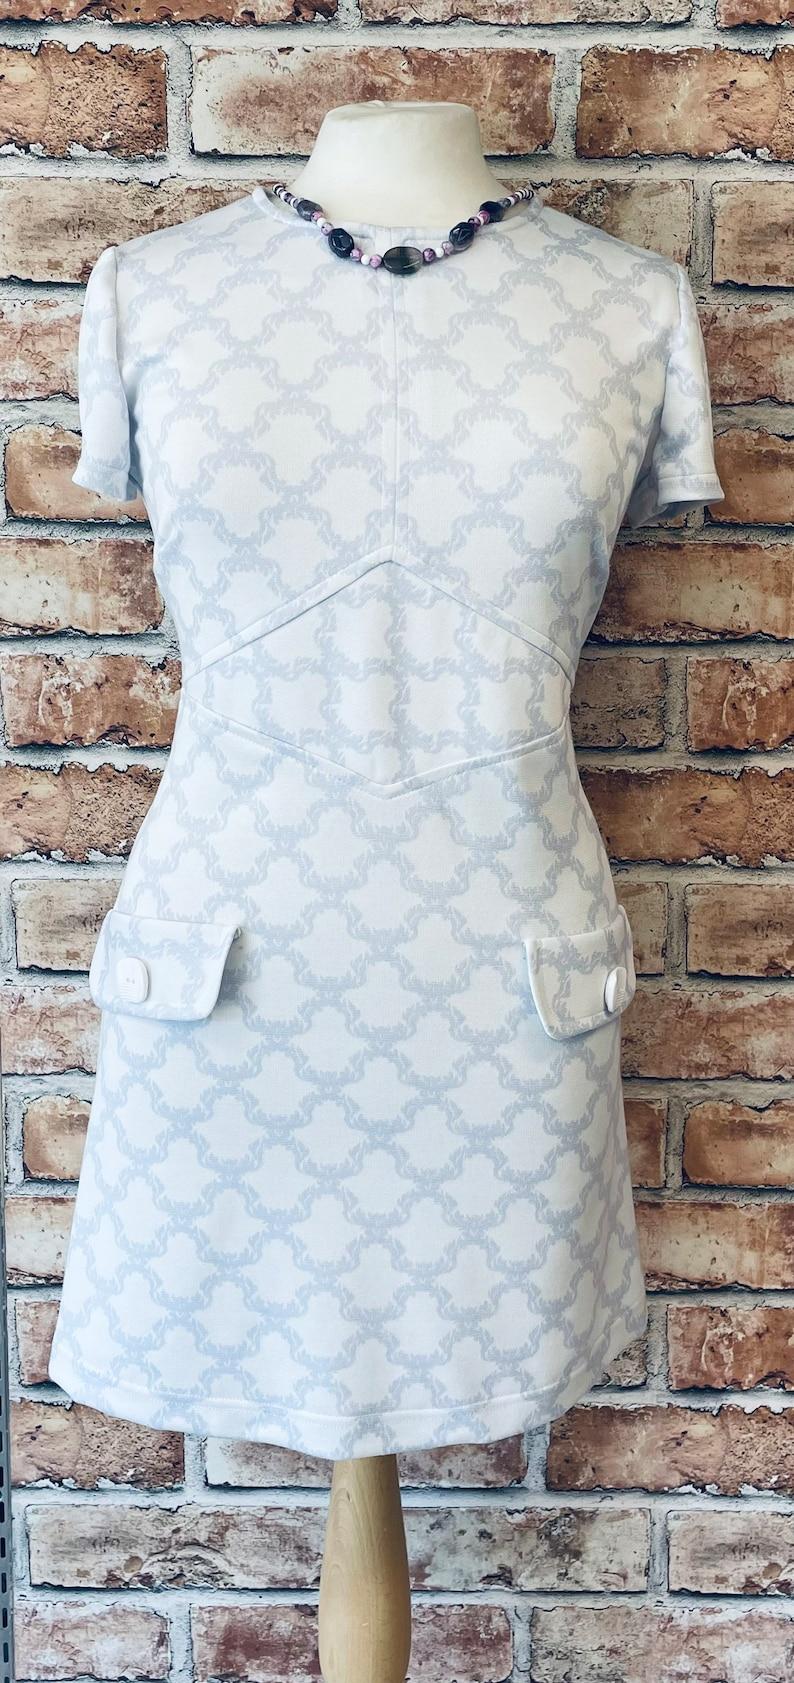 Vintage Style Dresses | Vintage Inspired Dresses 1960s Mod retro style dress 60s lilac Dress $92.96 AT vintagedancer.com